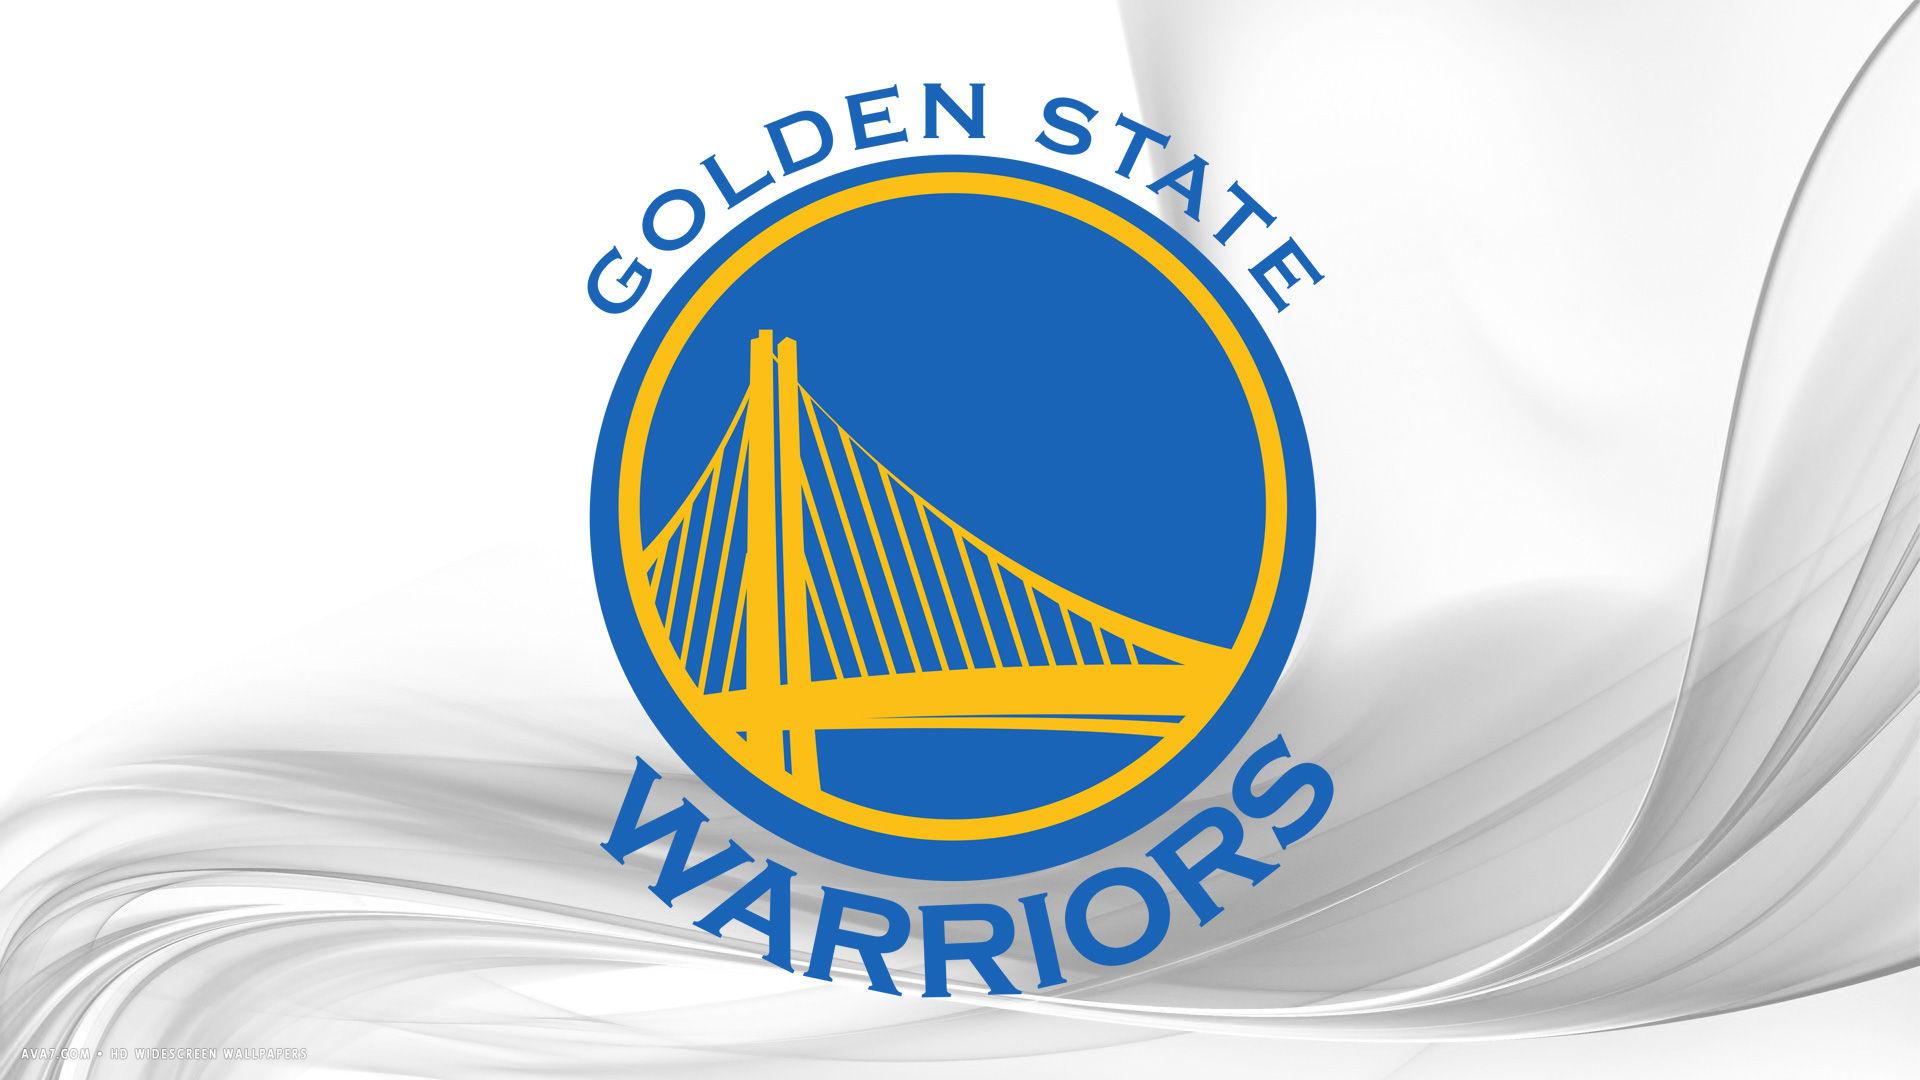 Golden State Warriors Nba Basketball Team Hd Widescreen - Golden State Warriors 1080p , HD Wallpaper & Backgrounds